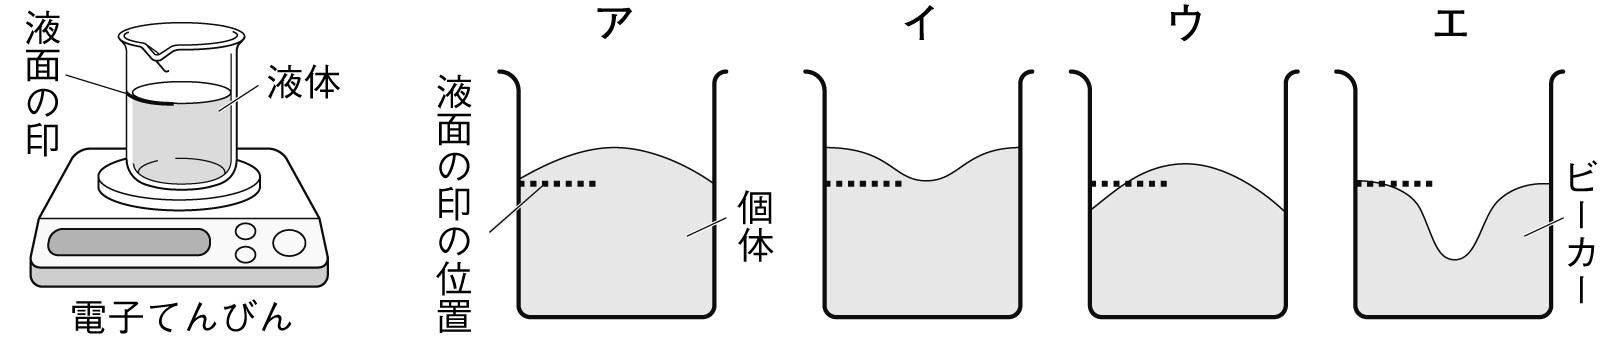 状態変化と質量・体積